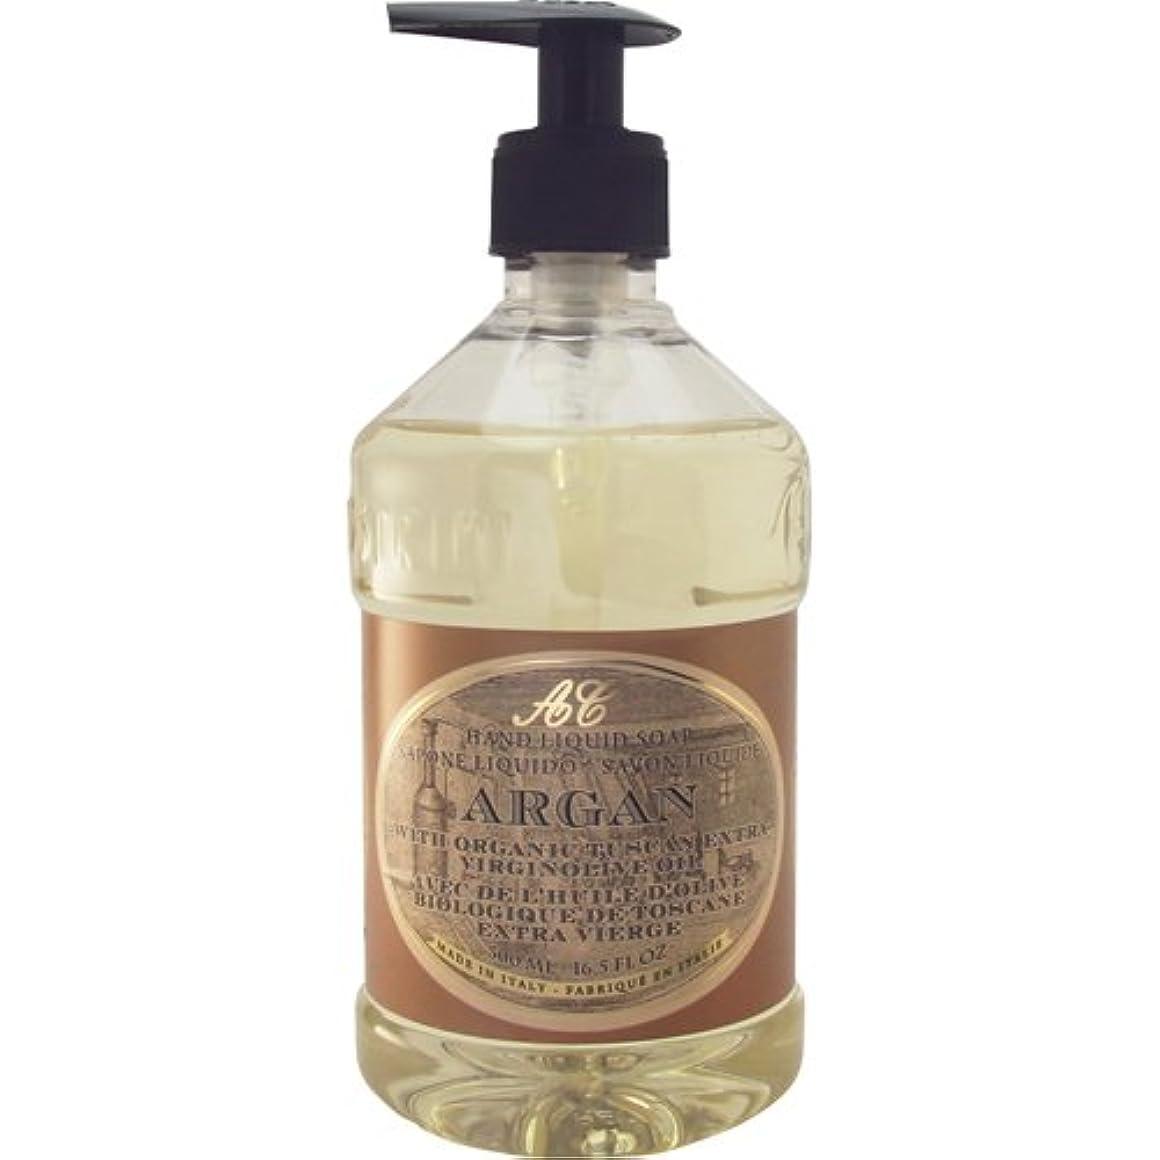 落ち着くオークション松明Saponerire Fissi レトロシリーズ Liquid Soap リキッドソープ 500ml Argan アルガンオイル